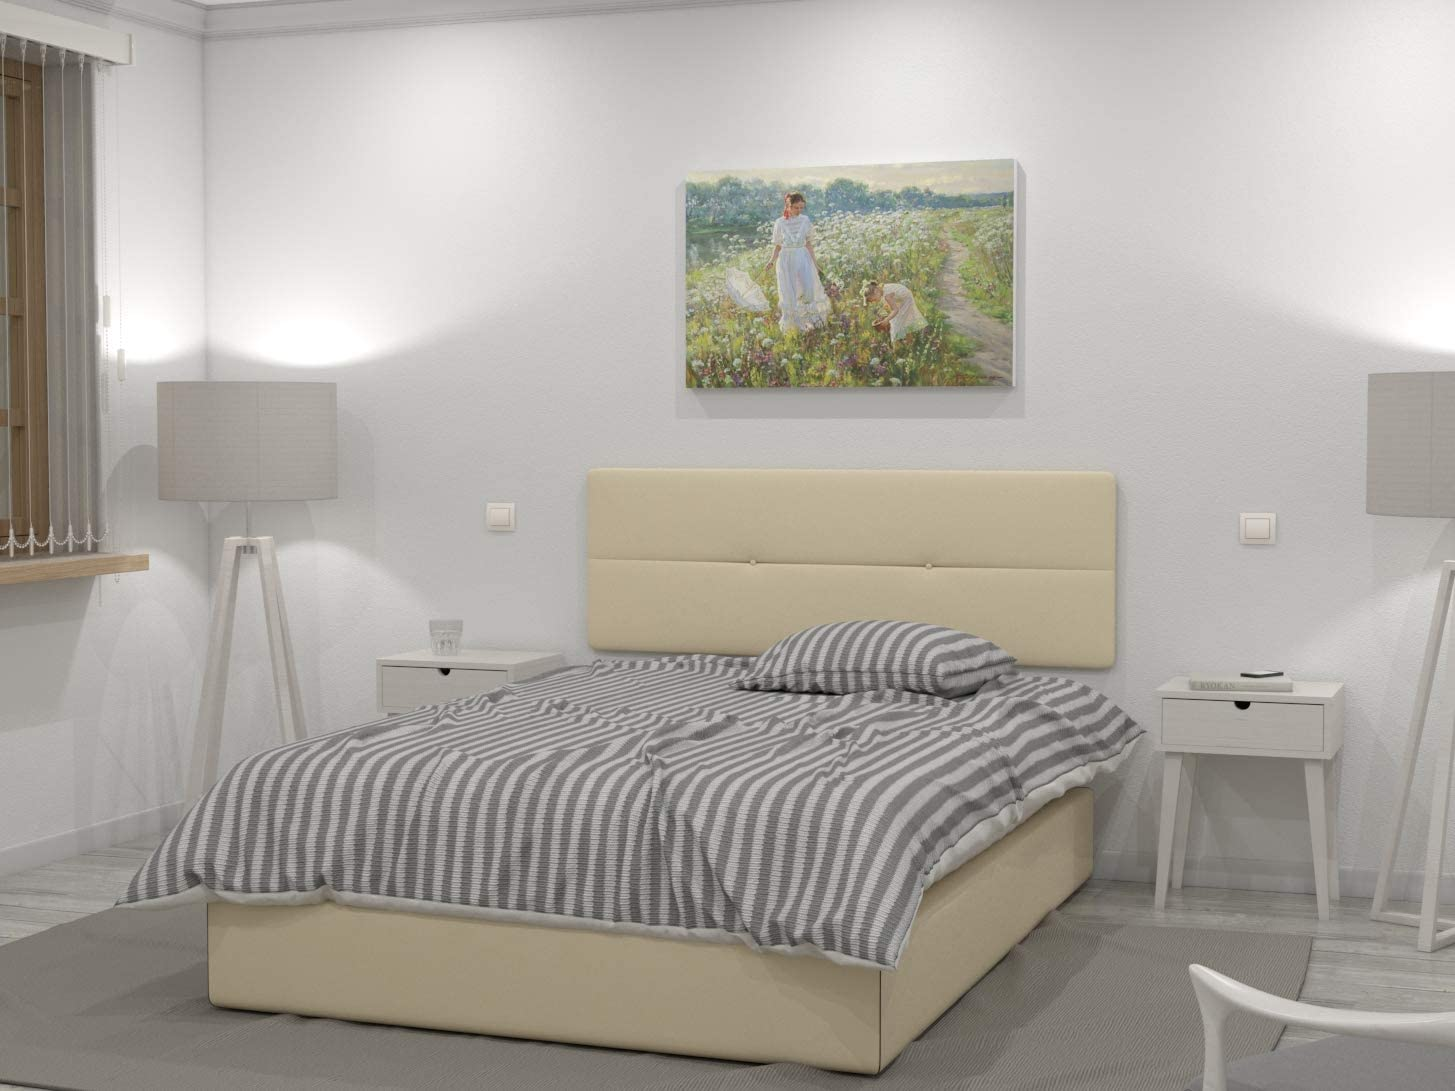 LA WEB DEL COLCHON - Cabecero tapizado Julie para Cama de 135 (145 x 55 cms) Beige: Amazon.es: Hogar